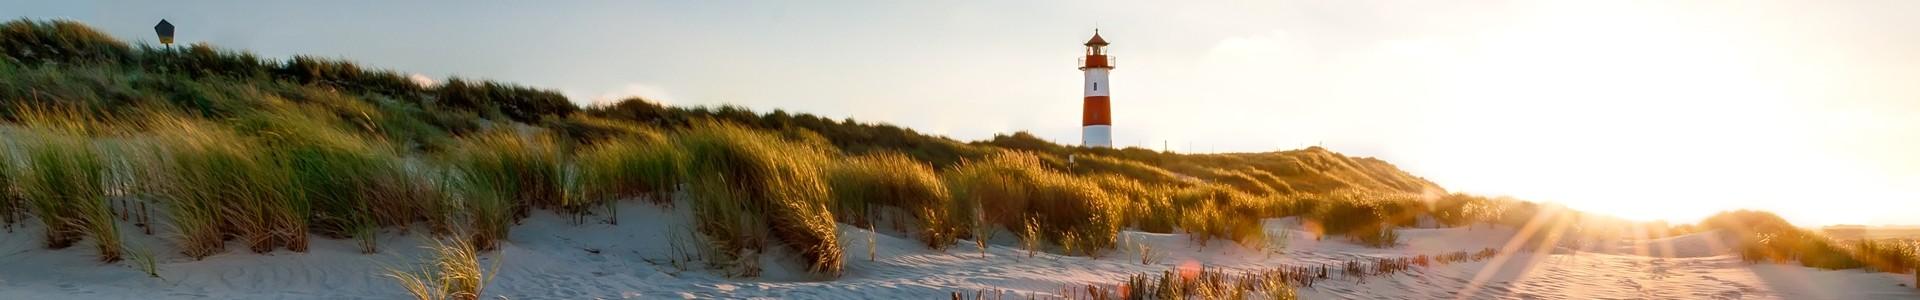 Ferienhaus ferienwohnung nordsee ab 19 mieten for Nordsee unterkunft gunstig